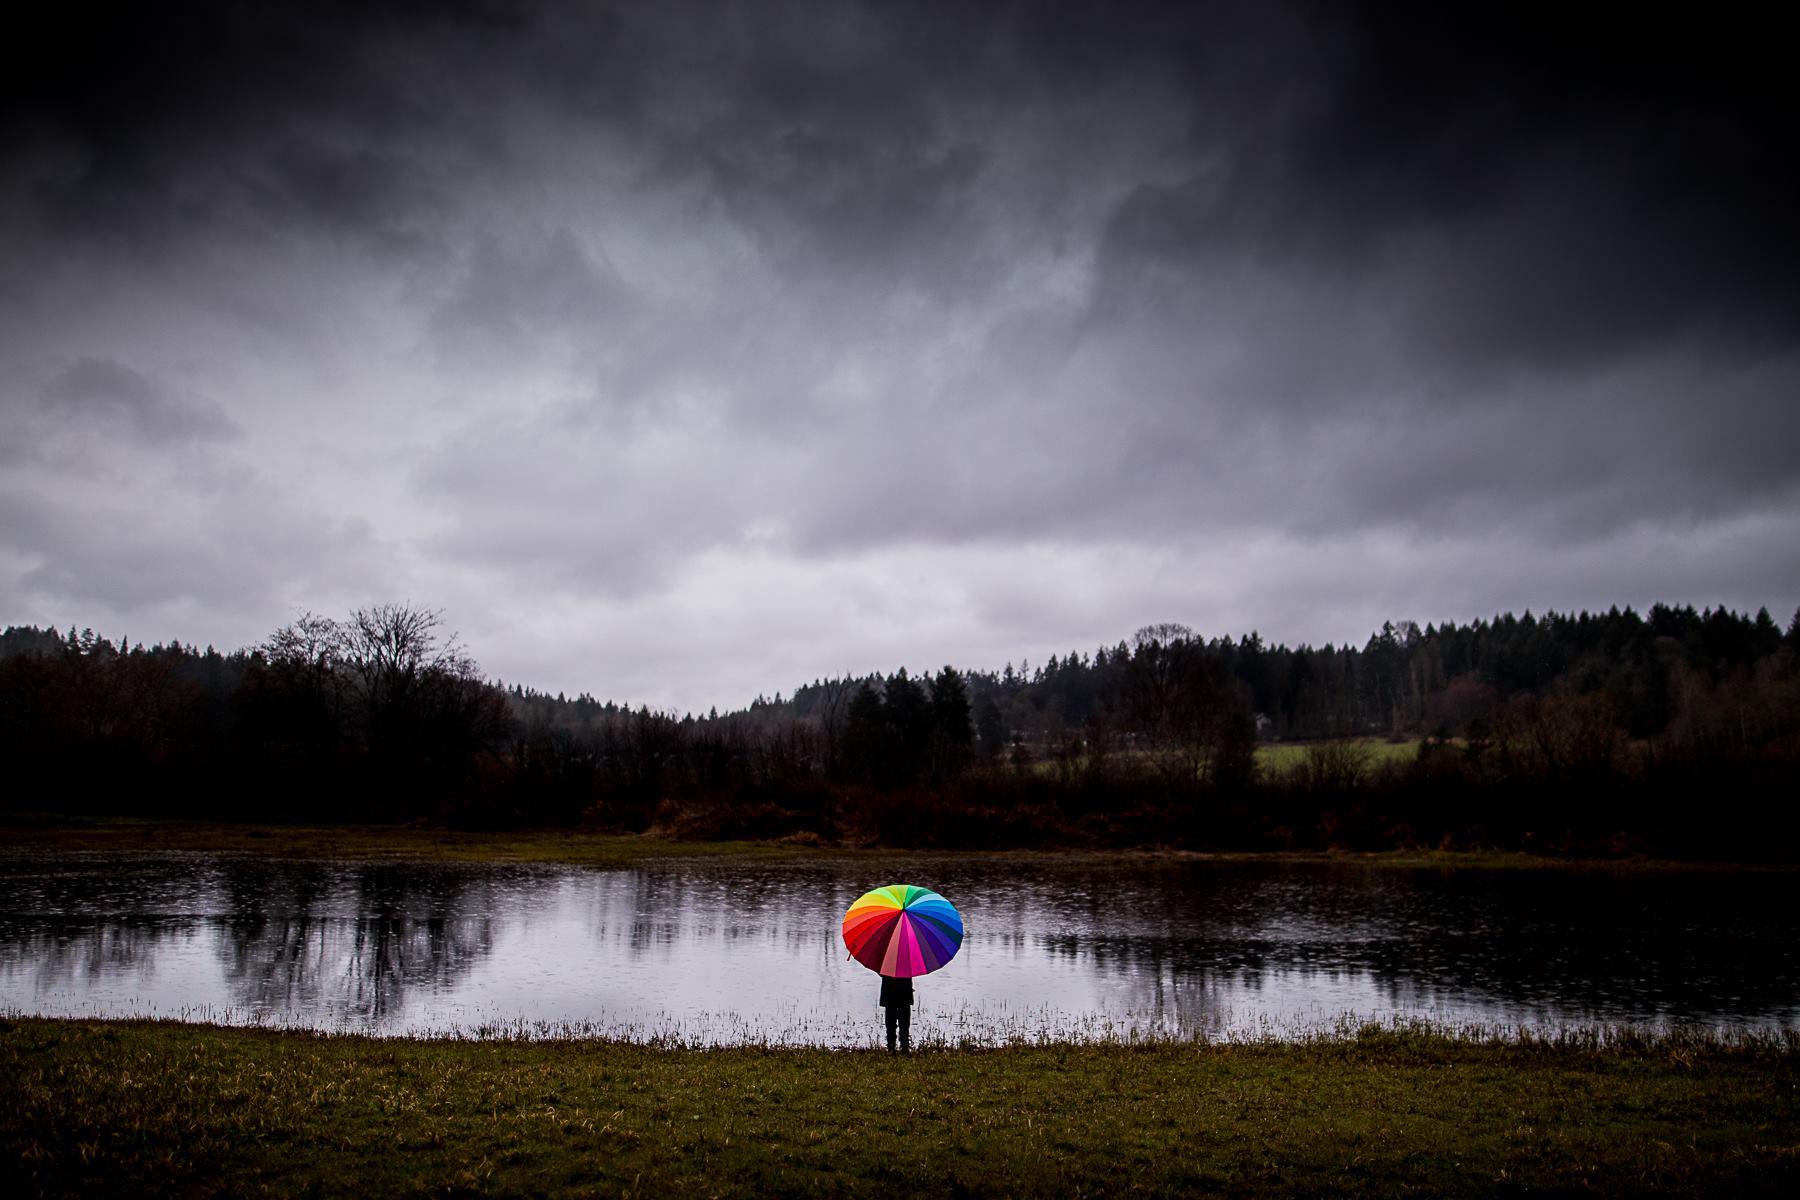 ashley marston 5 - emotional storytelling with twyla jones - children's adventure inspiration.jpg